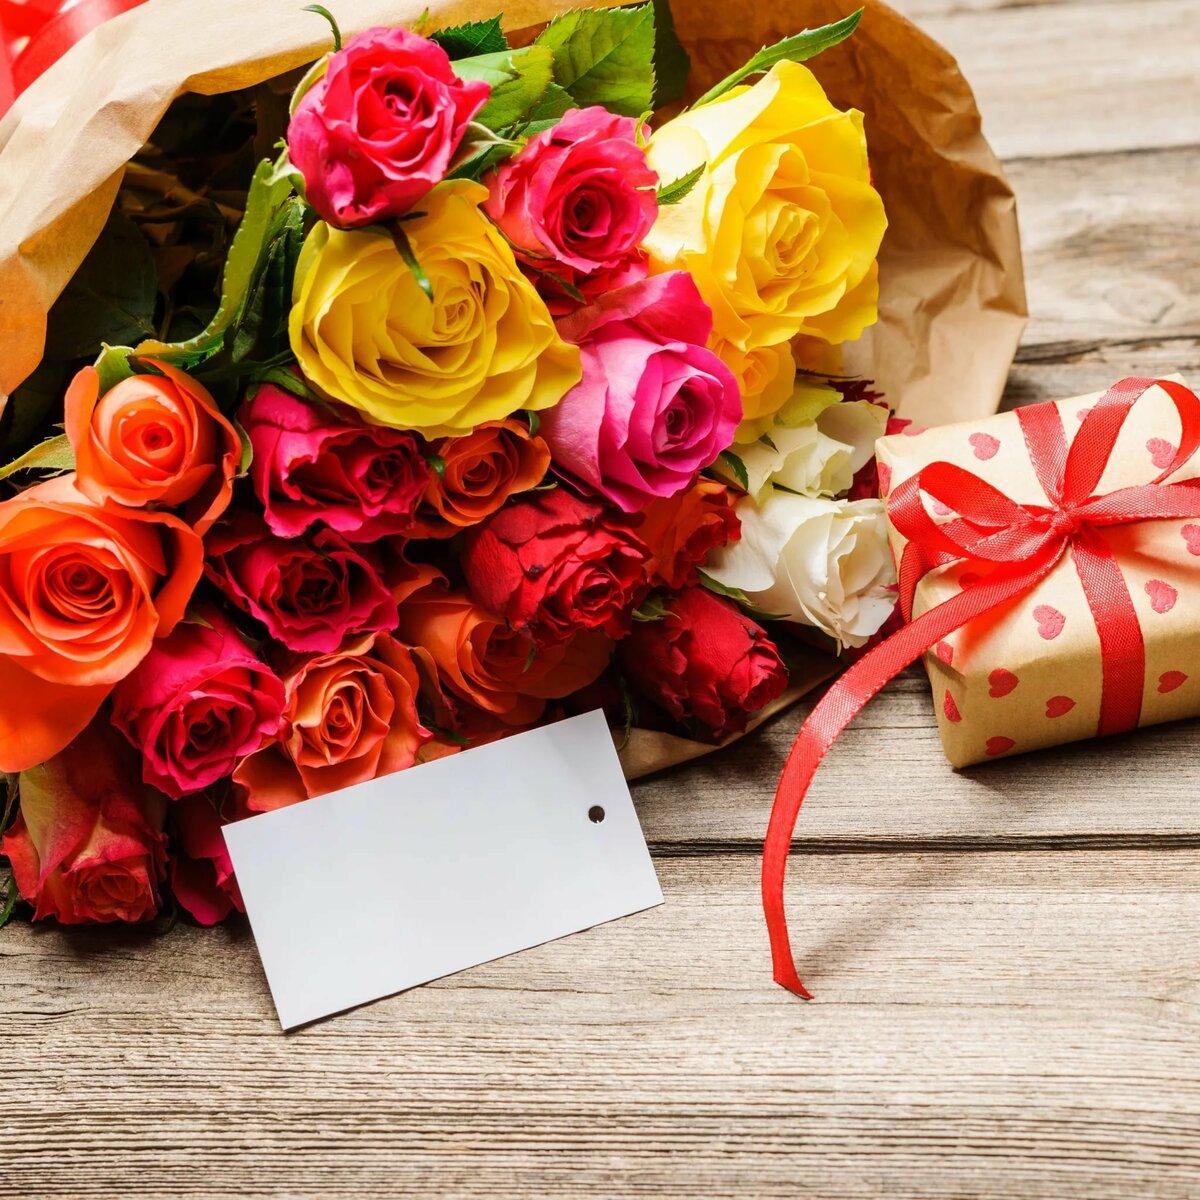 Фото с цветами поздравления с днем рождения